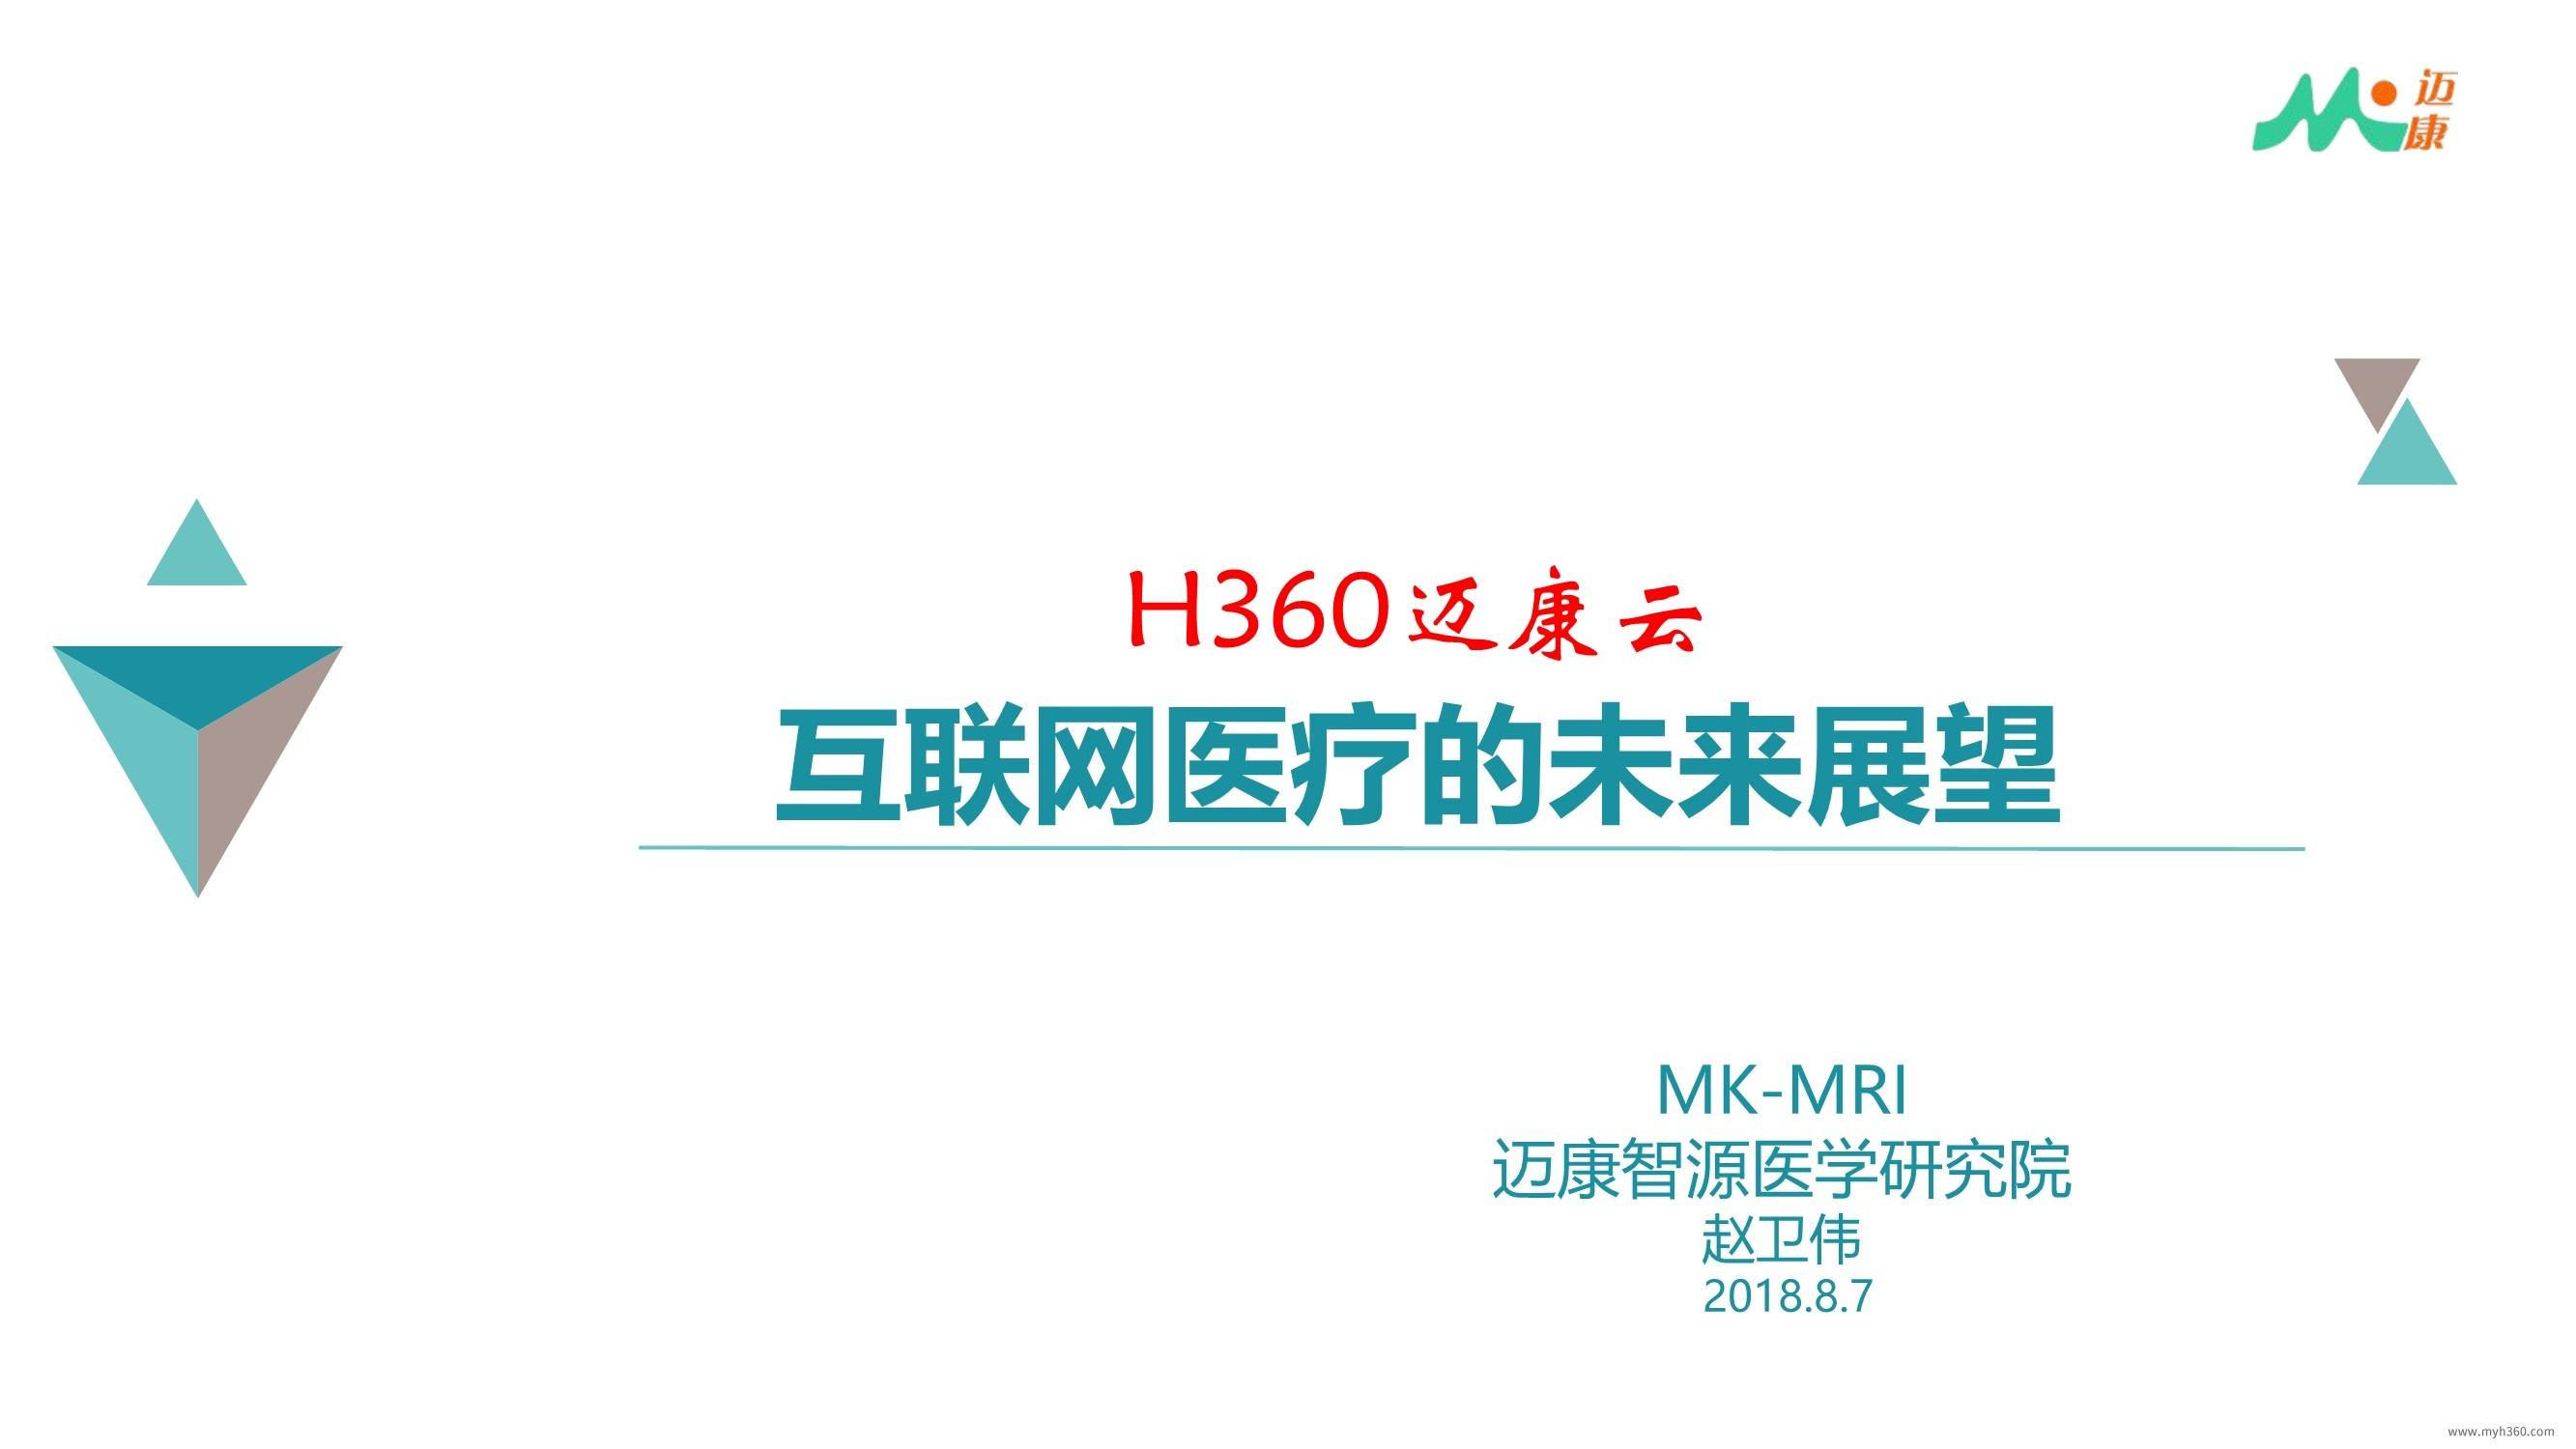 H360迈康云-互联网医疗的未来展望